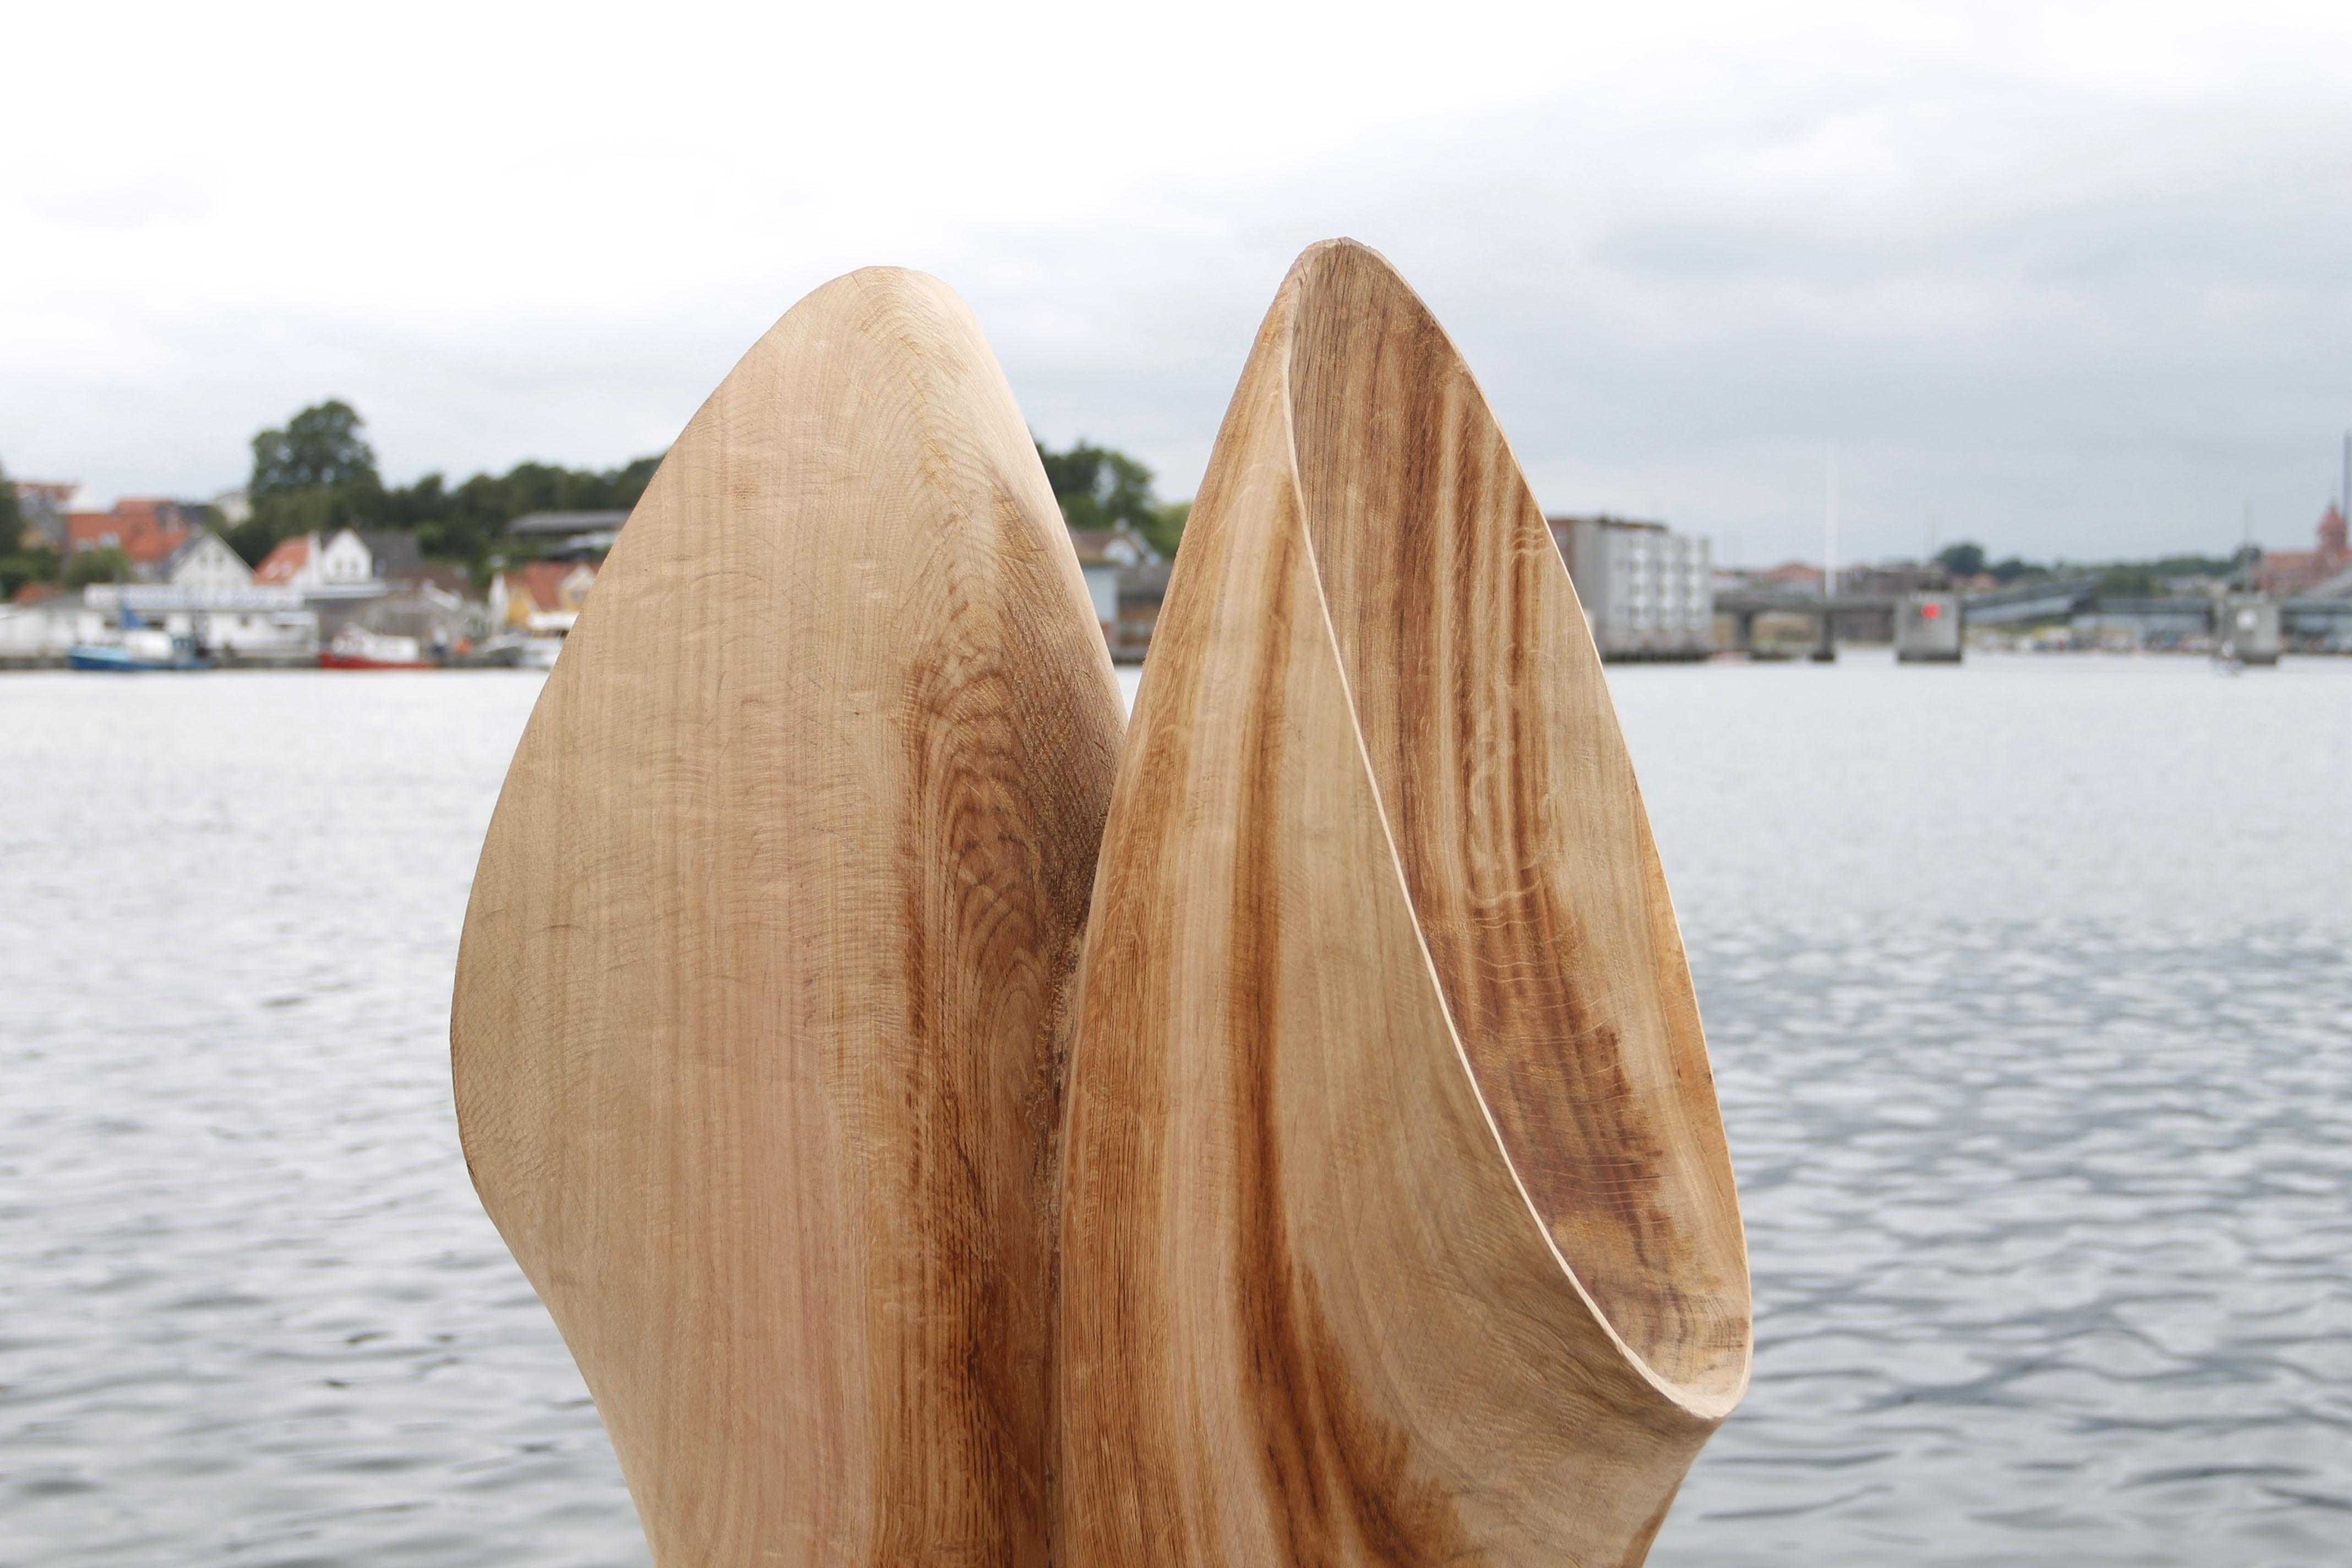 Kattegat Horns detail